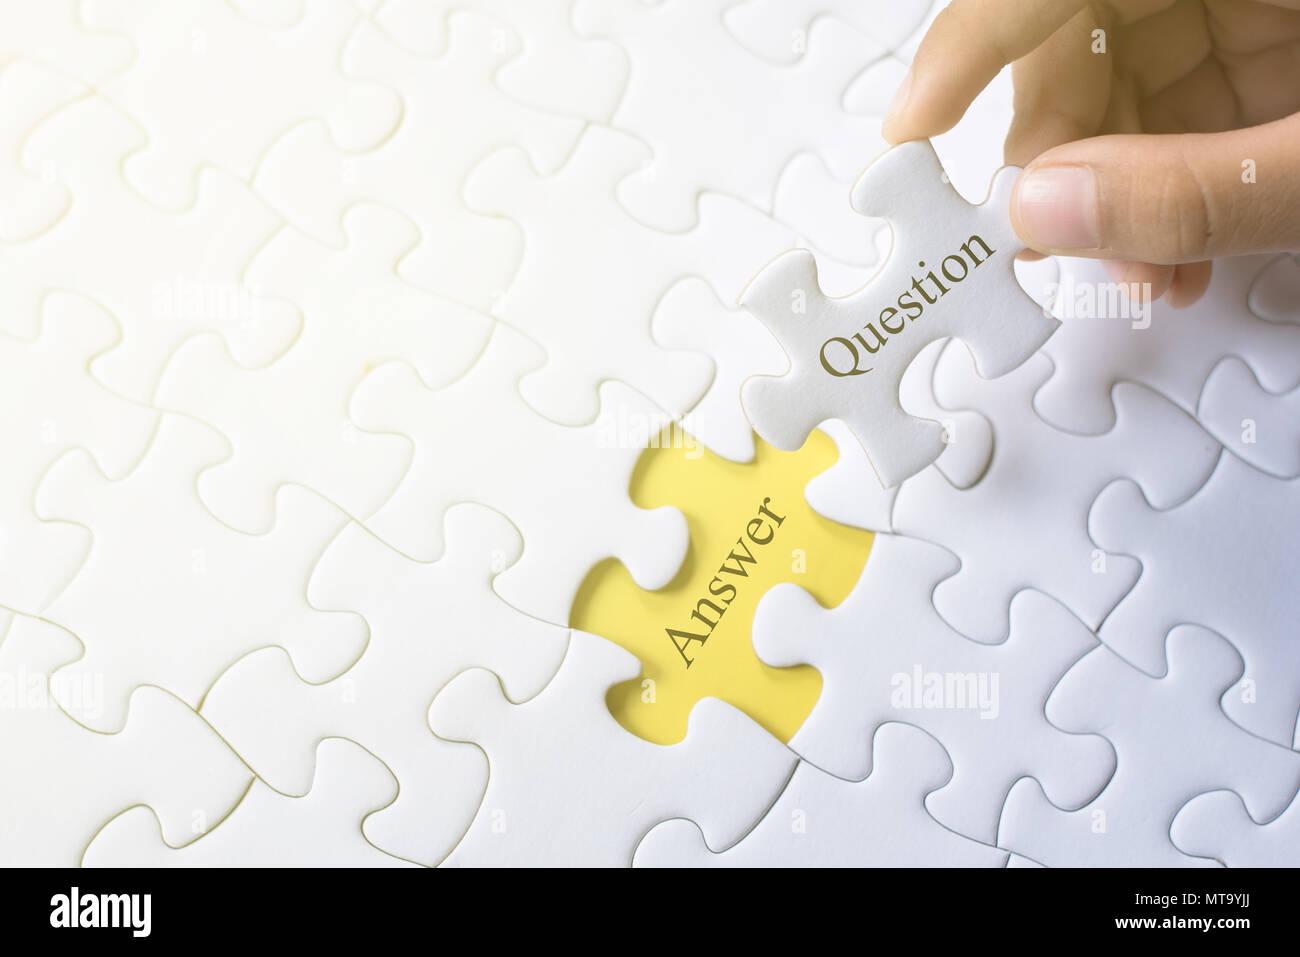 Mano sujetando question and answer word en rompecabezas. q&a, preguntas frecuentes y pregunta concepto Imagen De Stock